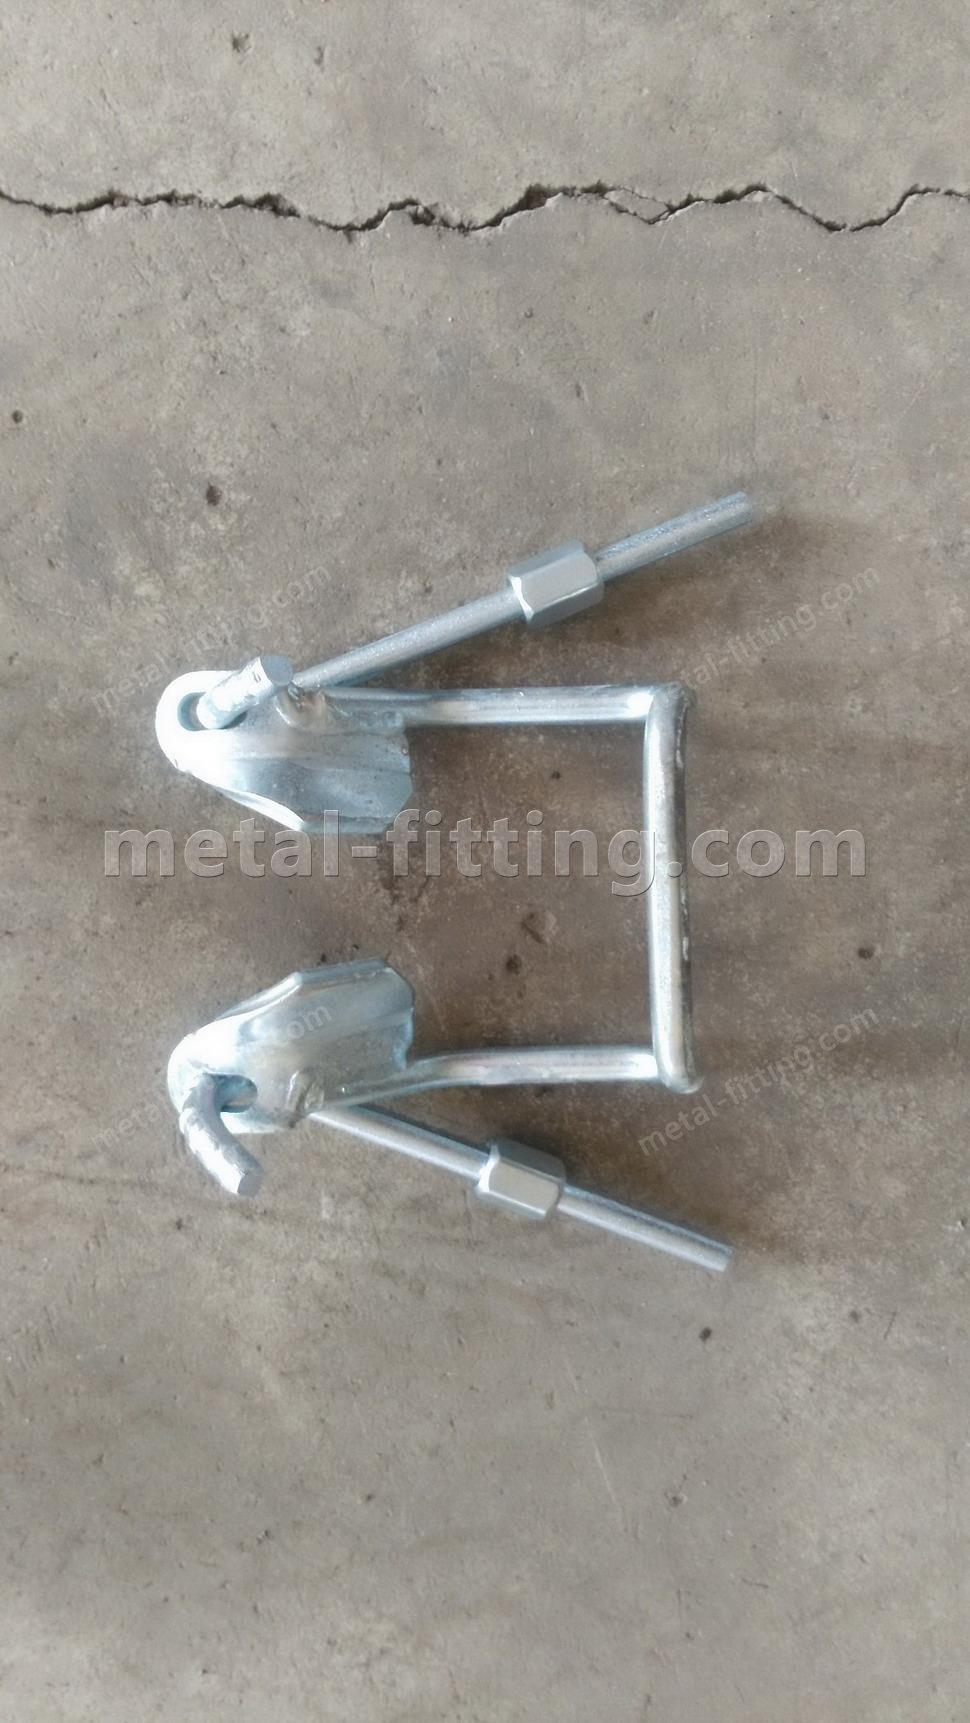 scaffolding standards jack base,scaffolding,scaffold part-scaffold stan